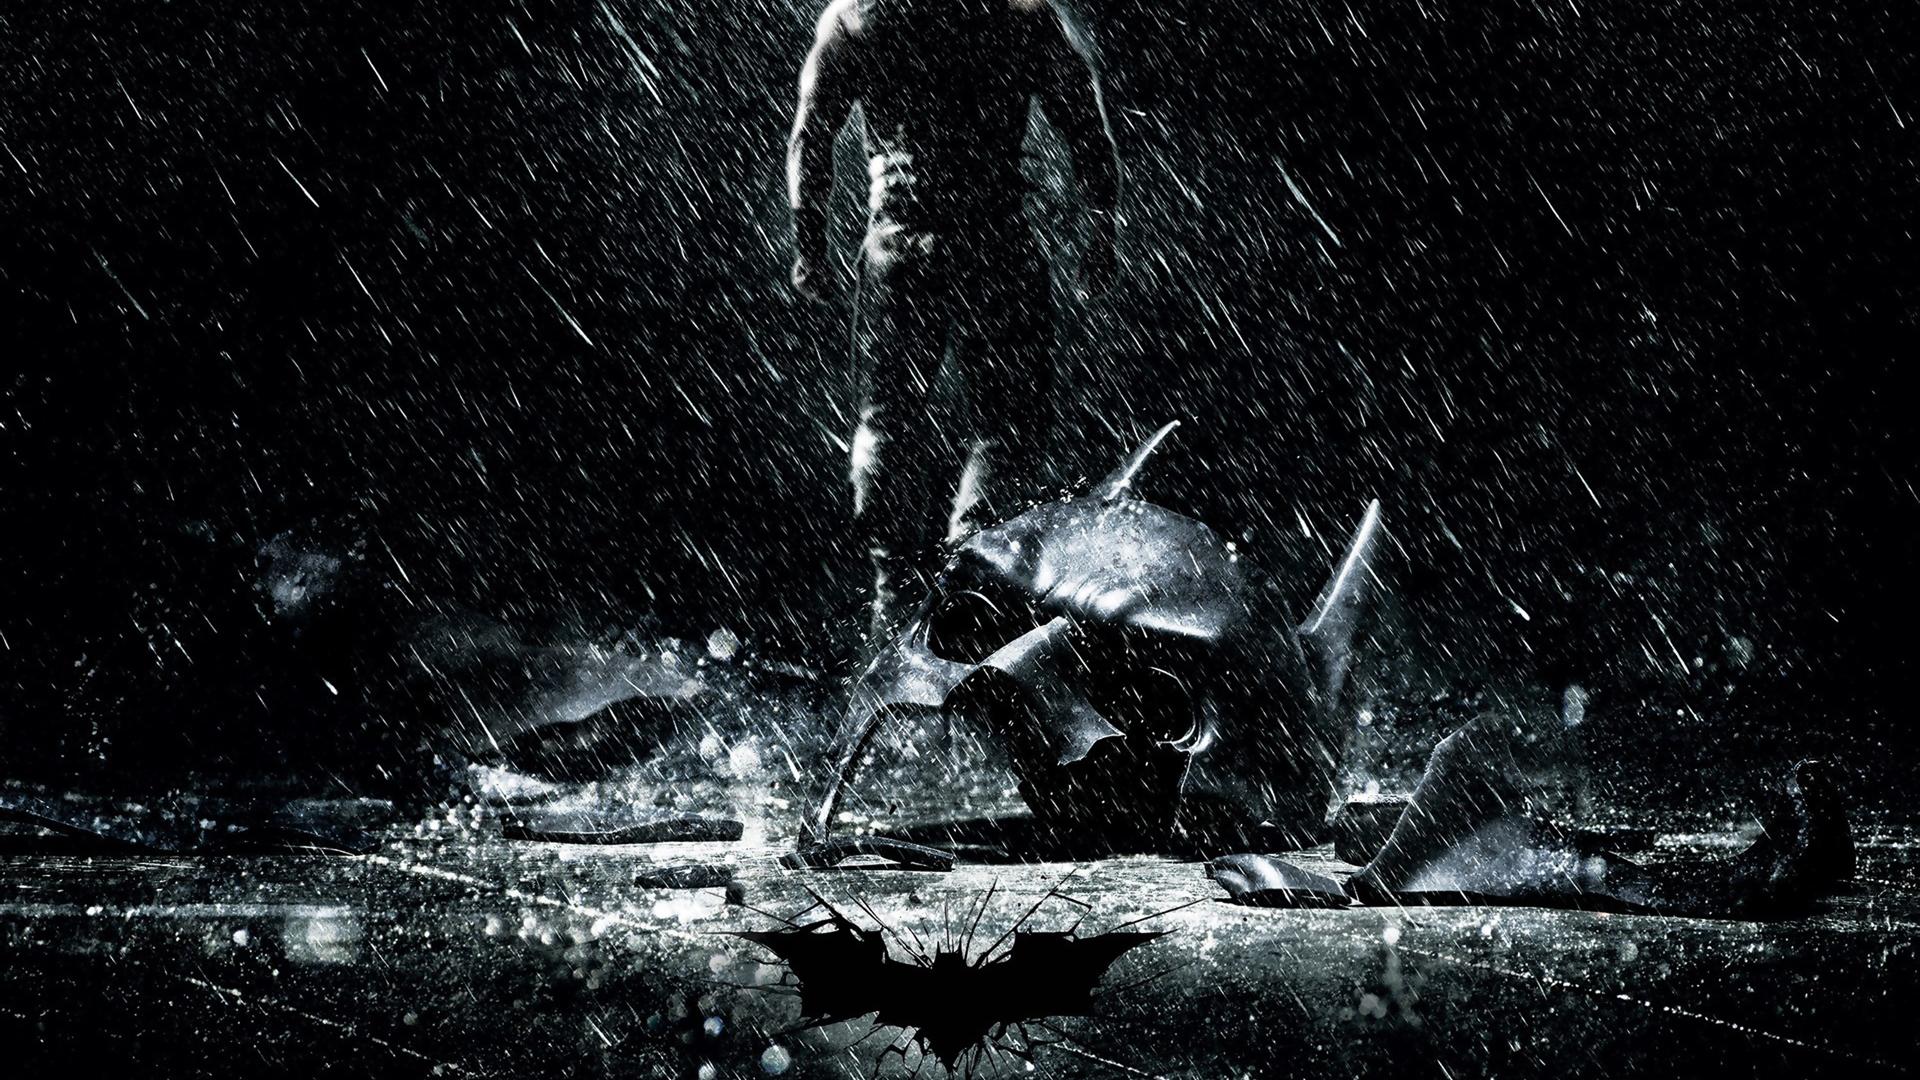 http://2.bp.blogspot.com/-NIYmXVC5E60/T7wBa3aUBII/AAAAAAAARw8/-igOcJKeBRI/s1920/The-Dark-Knight-Rises-1920x1080.jpg